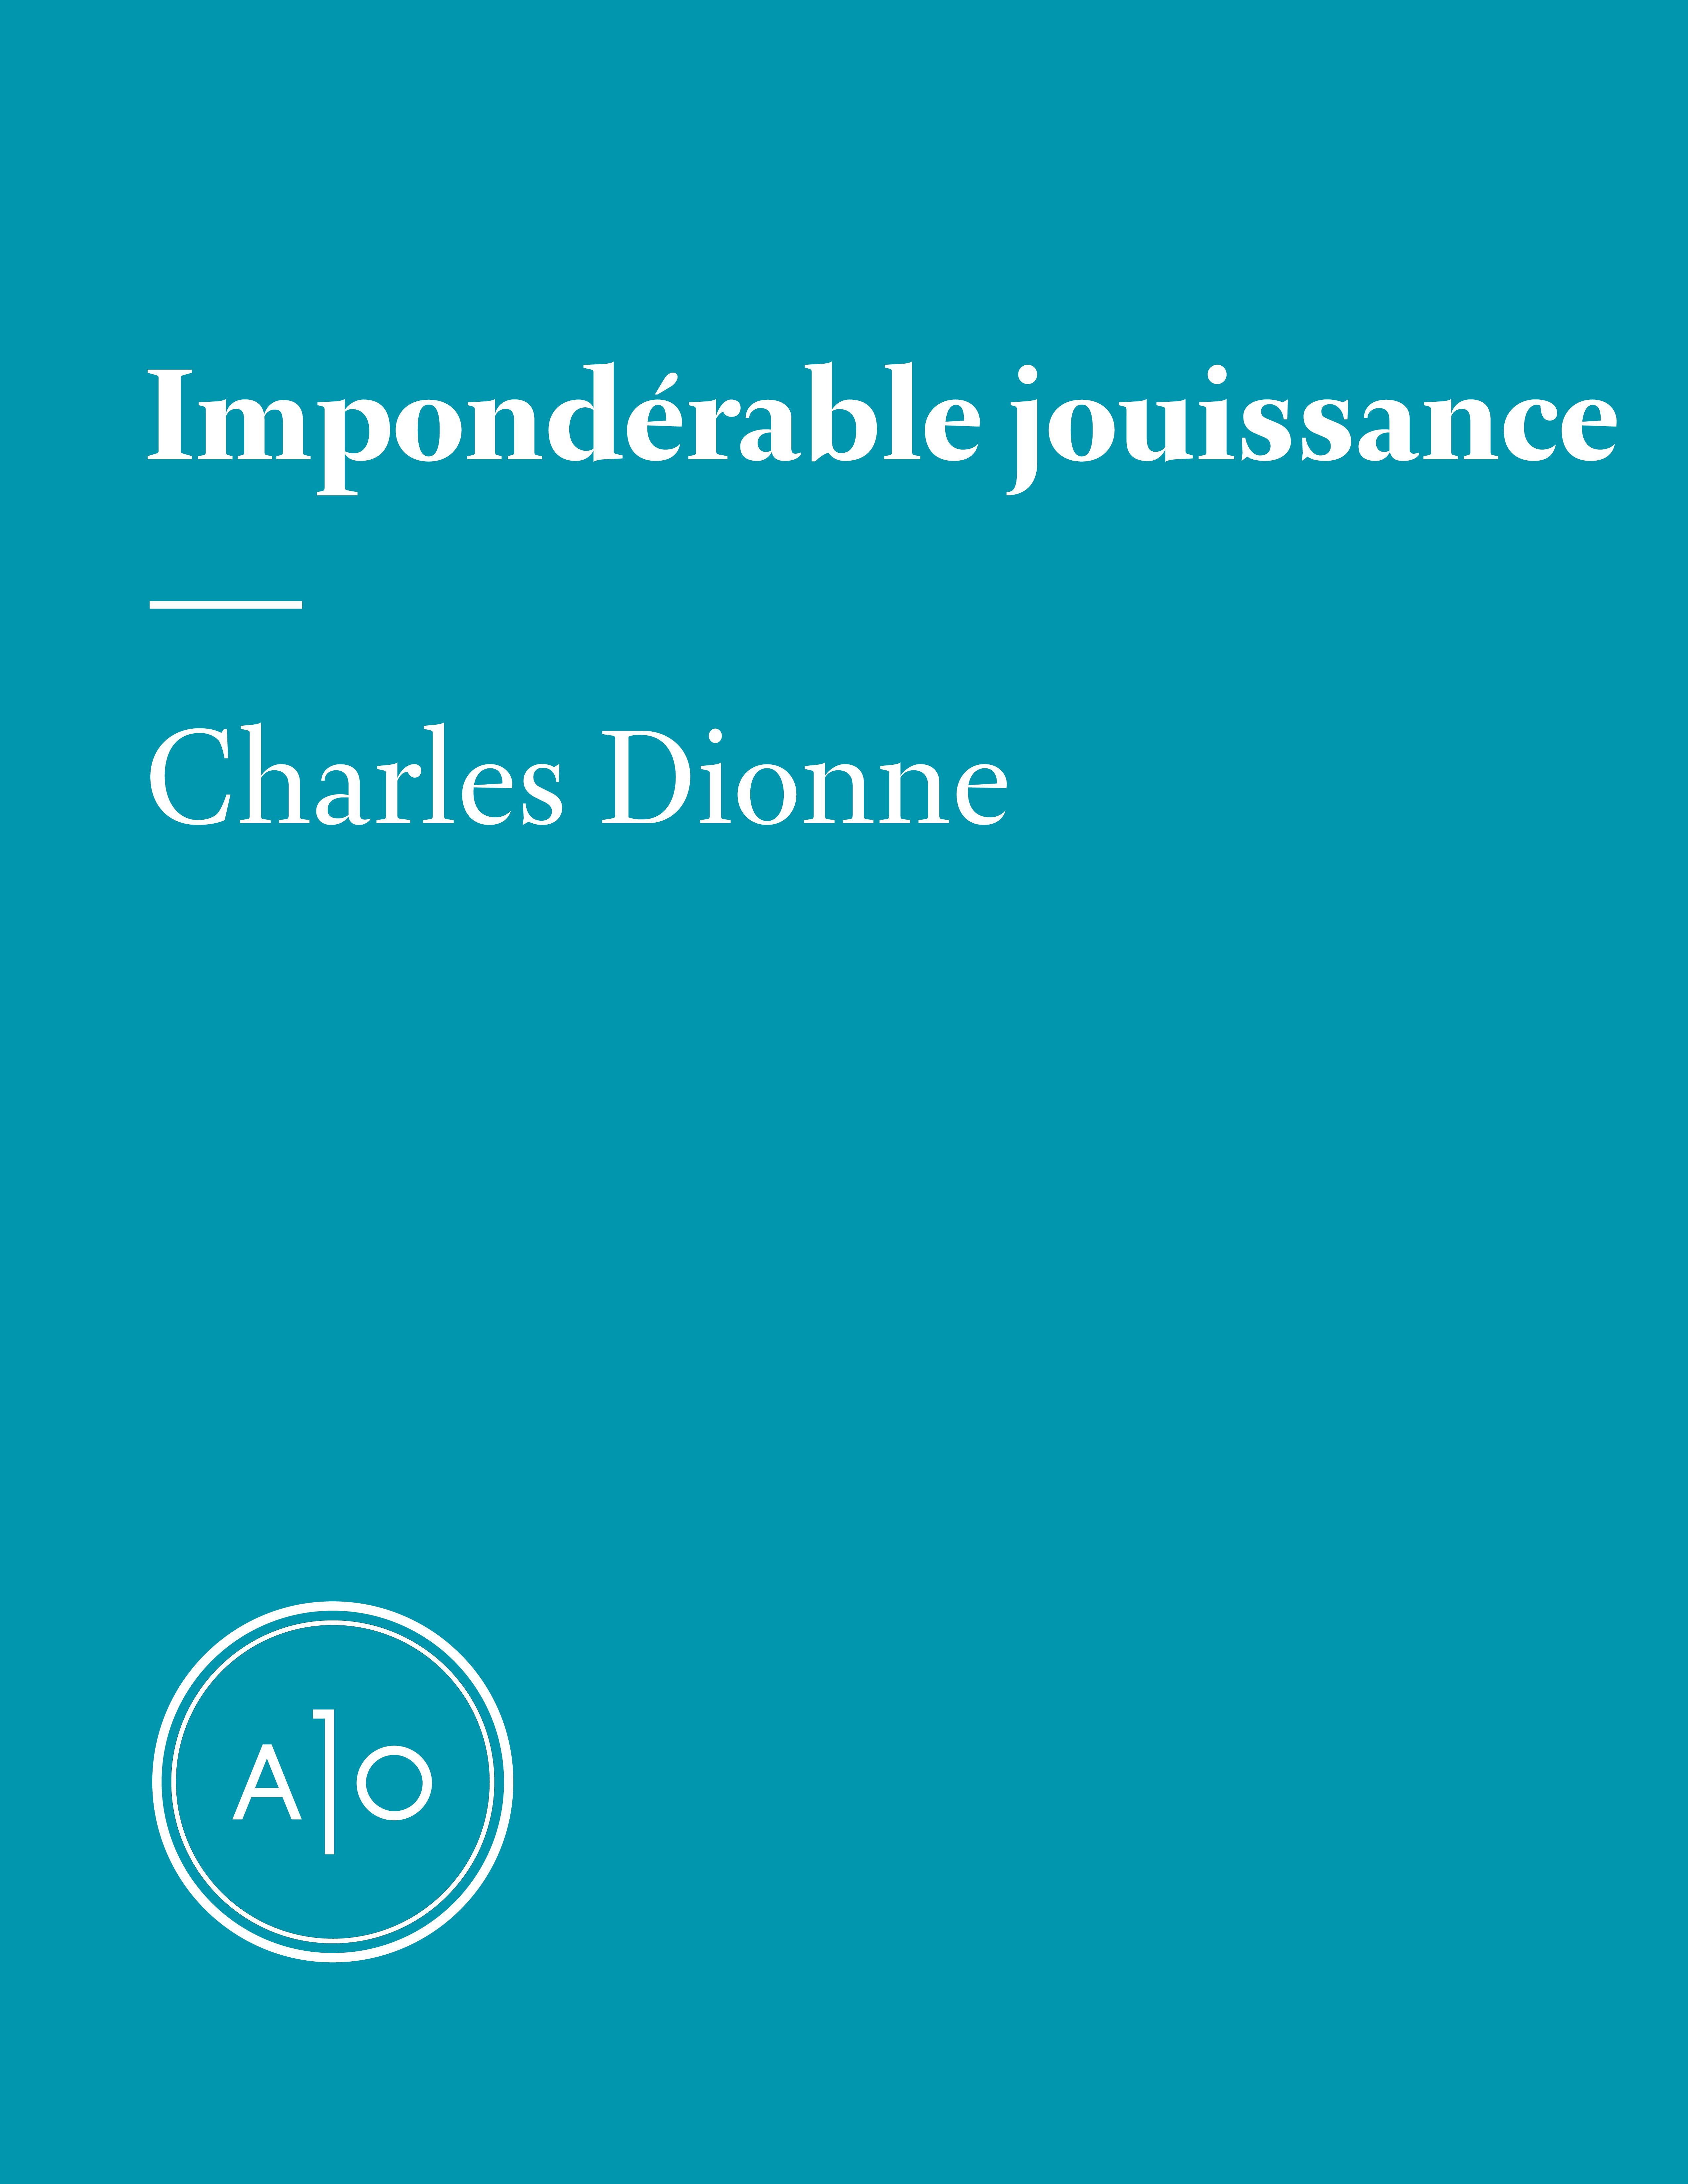 Impondérable jouissance